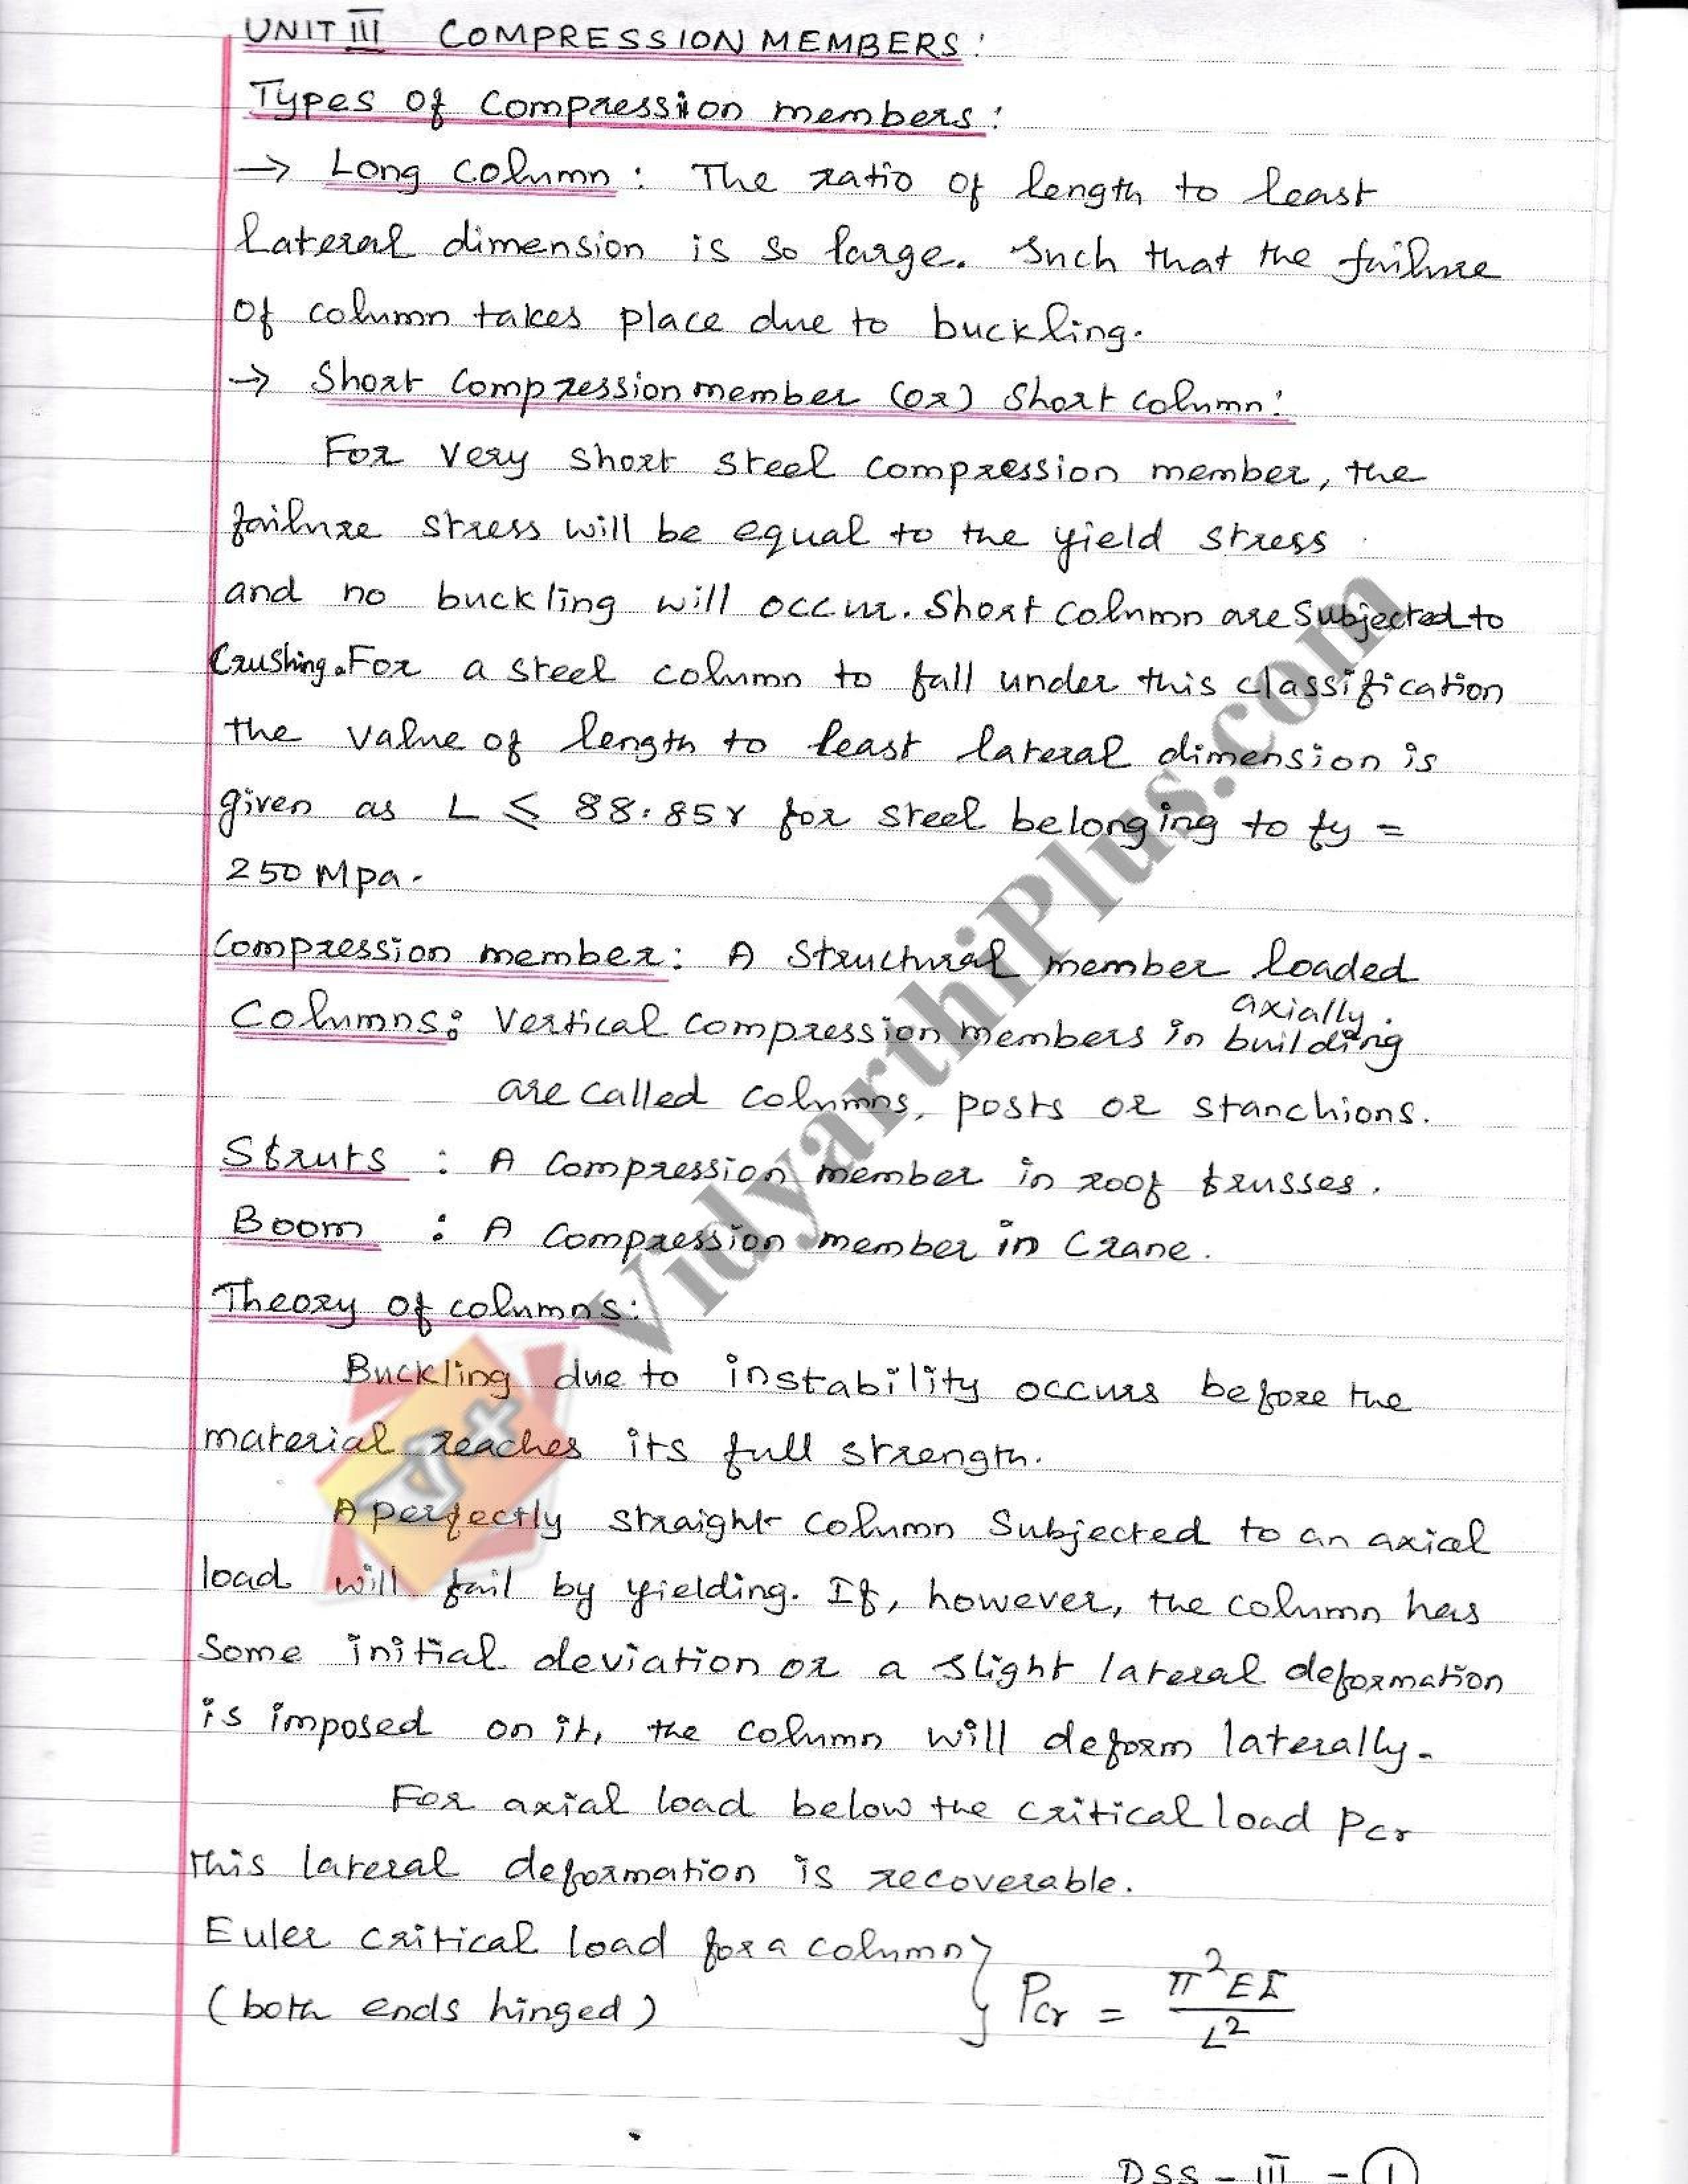 Design Of Steel Structure Premium Lecture Notes - Alarmelumangai Edition